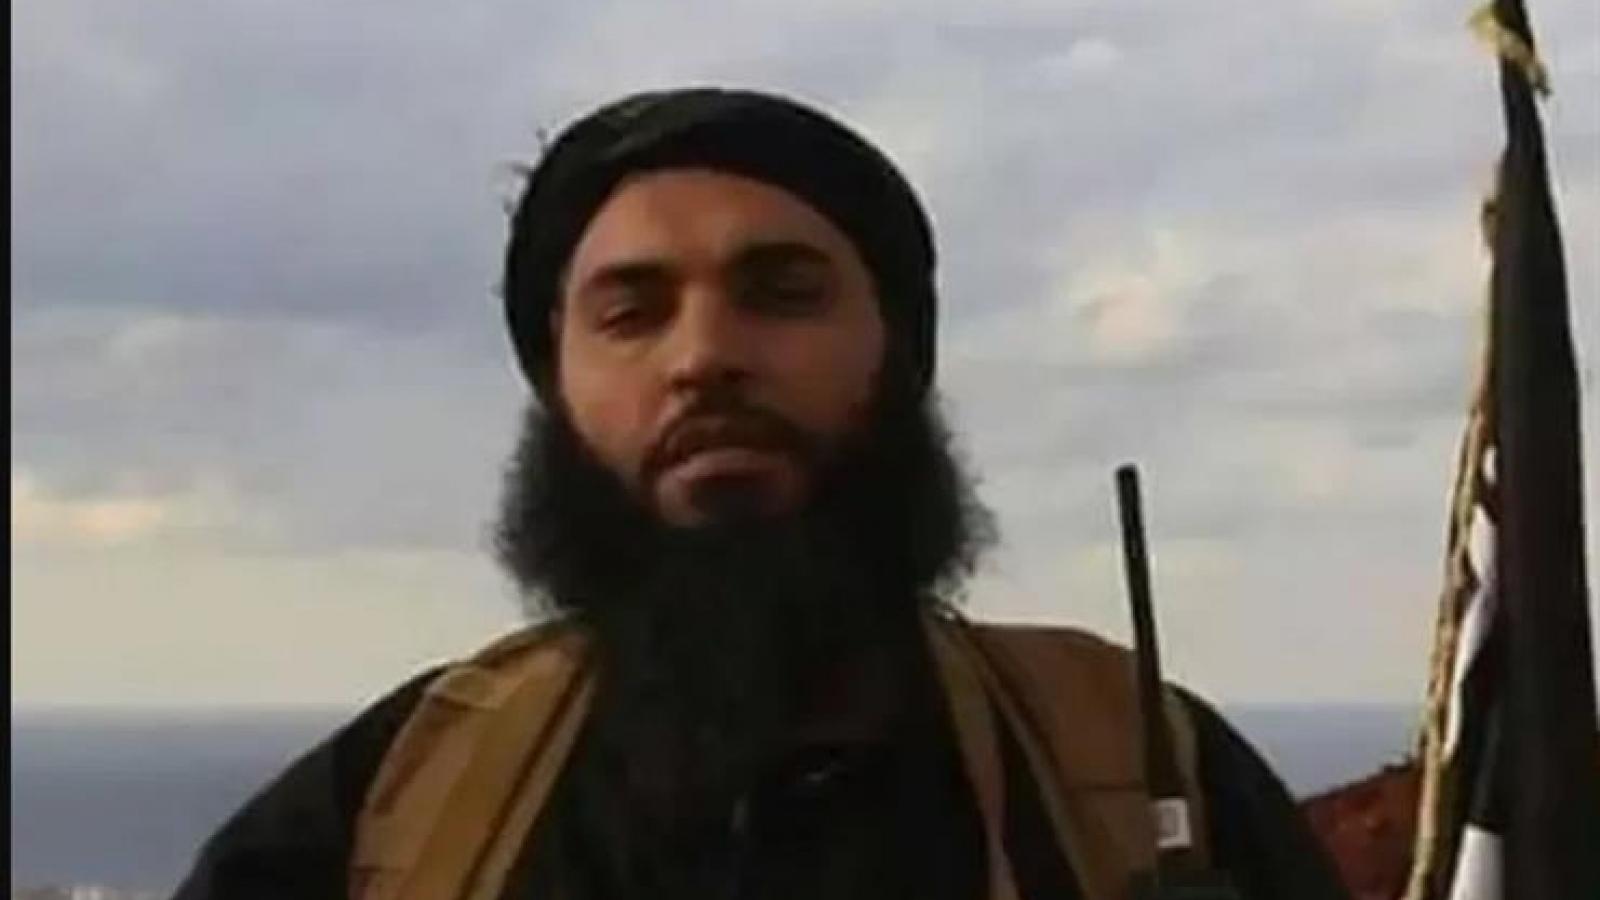 Lực lượng an ninh Libya bắt giữ một trong những thủ lĩnh nguy hiểm nhất của IS